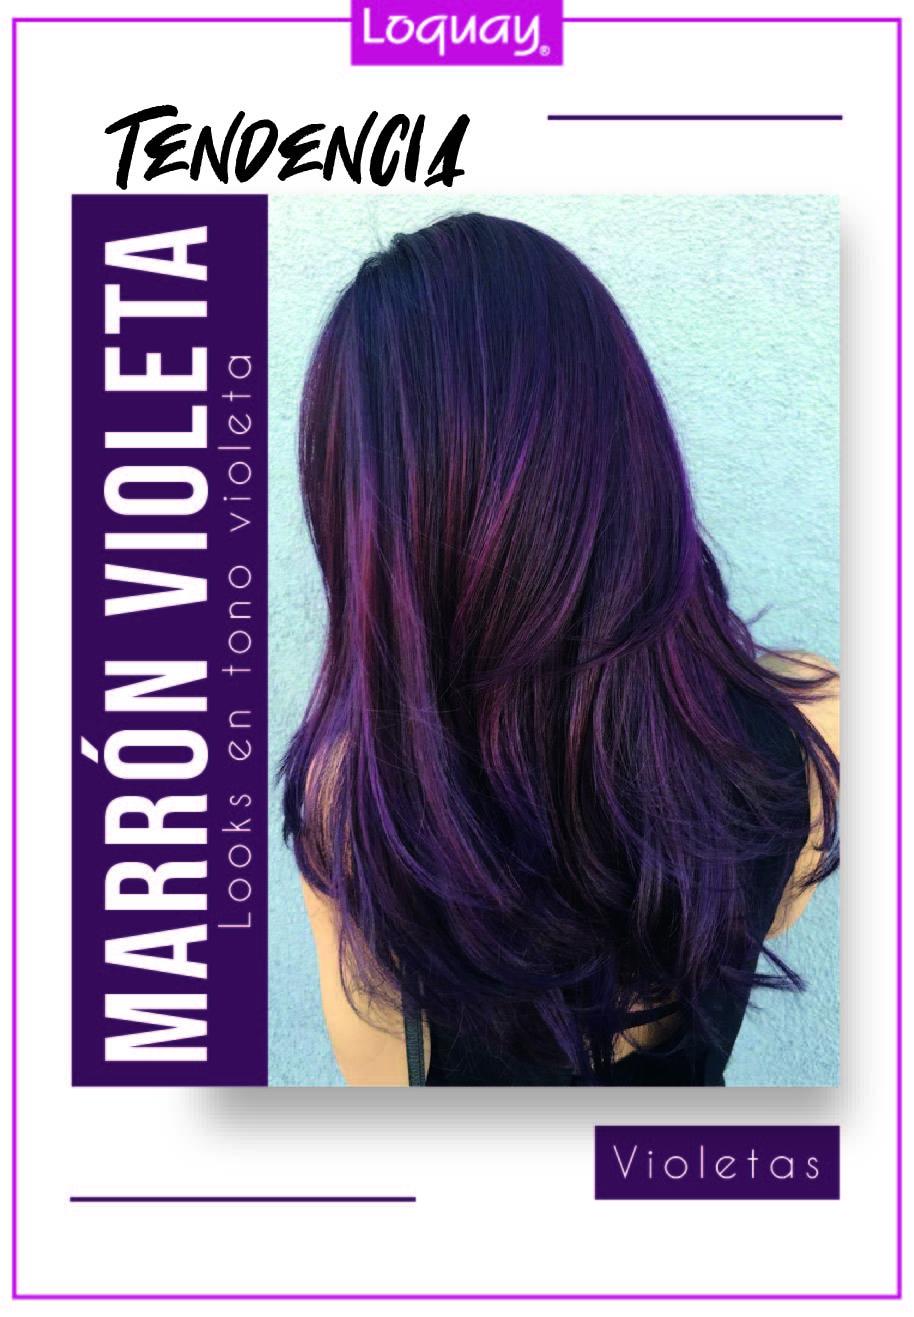 violeta-2-07